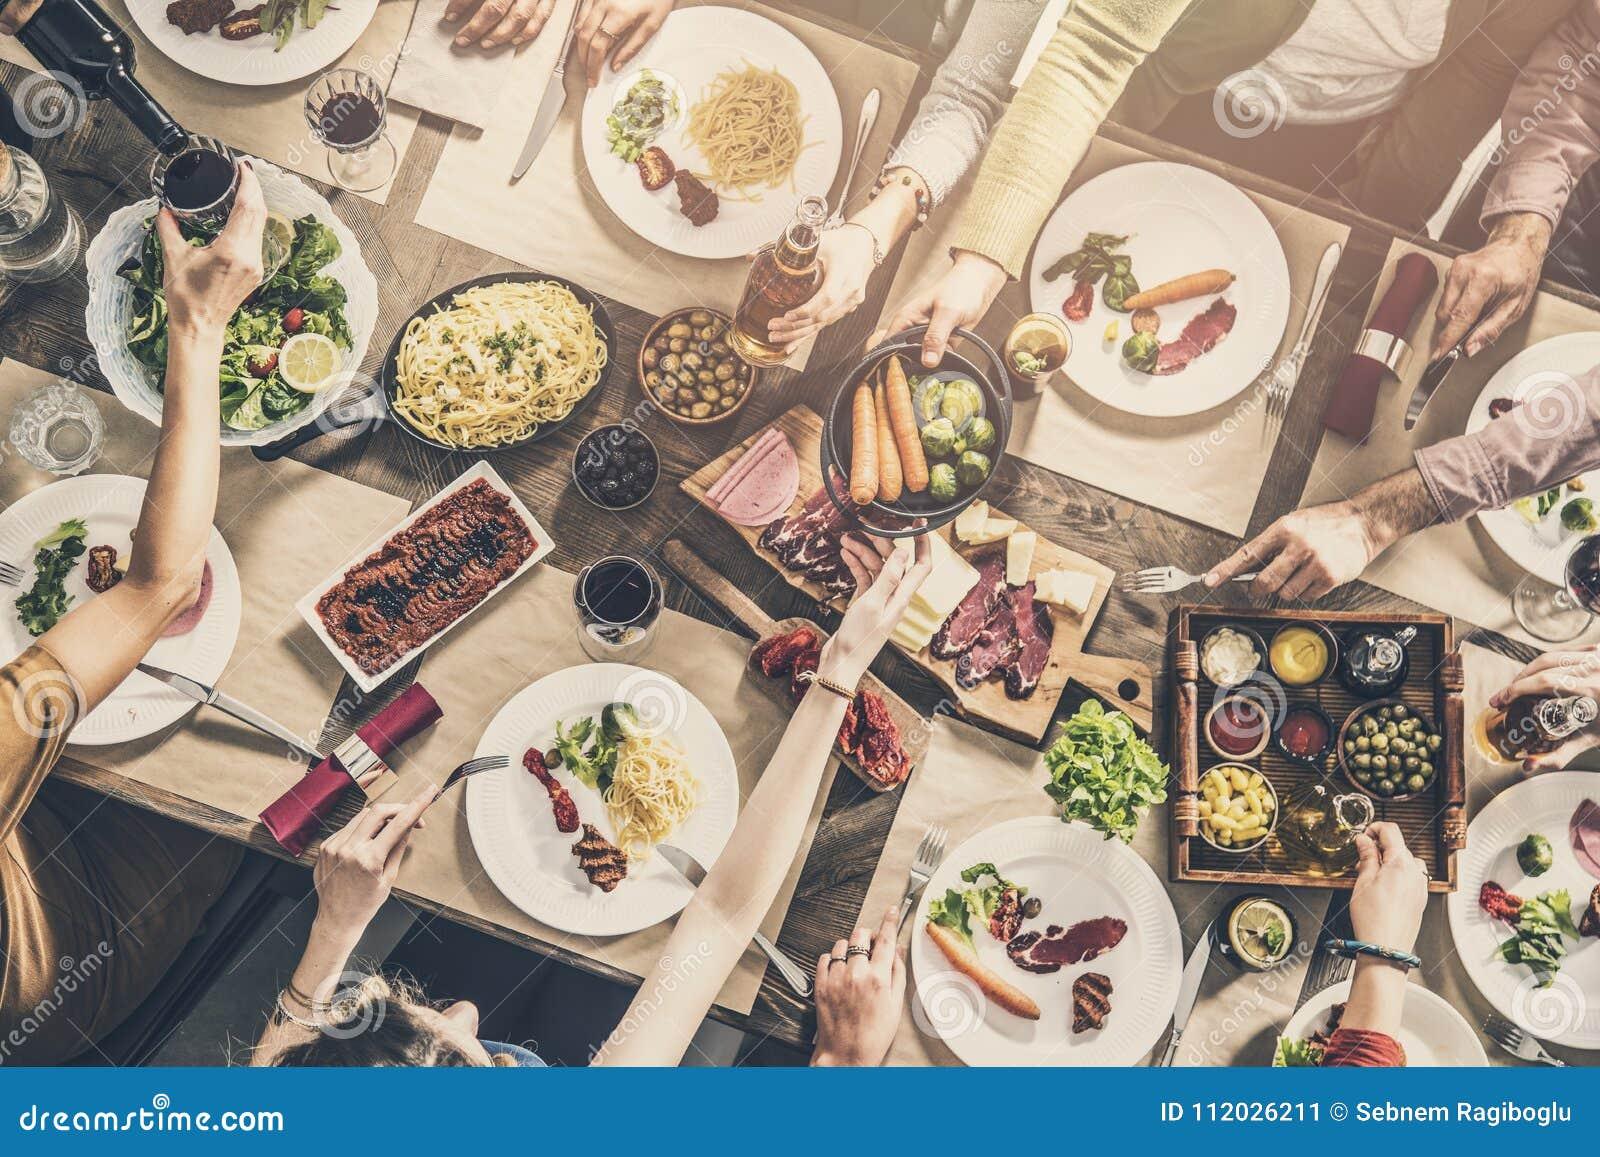 Ομάδα ανθρώπων που έχει να δειπνήσει ενότητας γεύματος